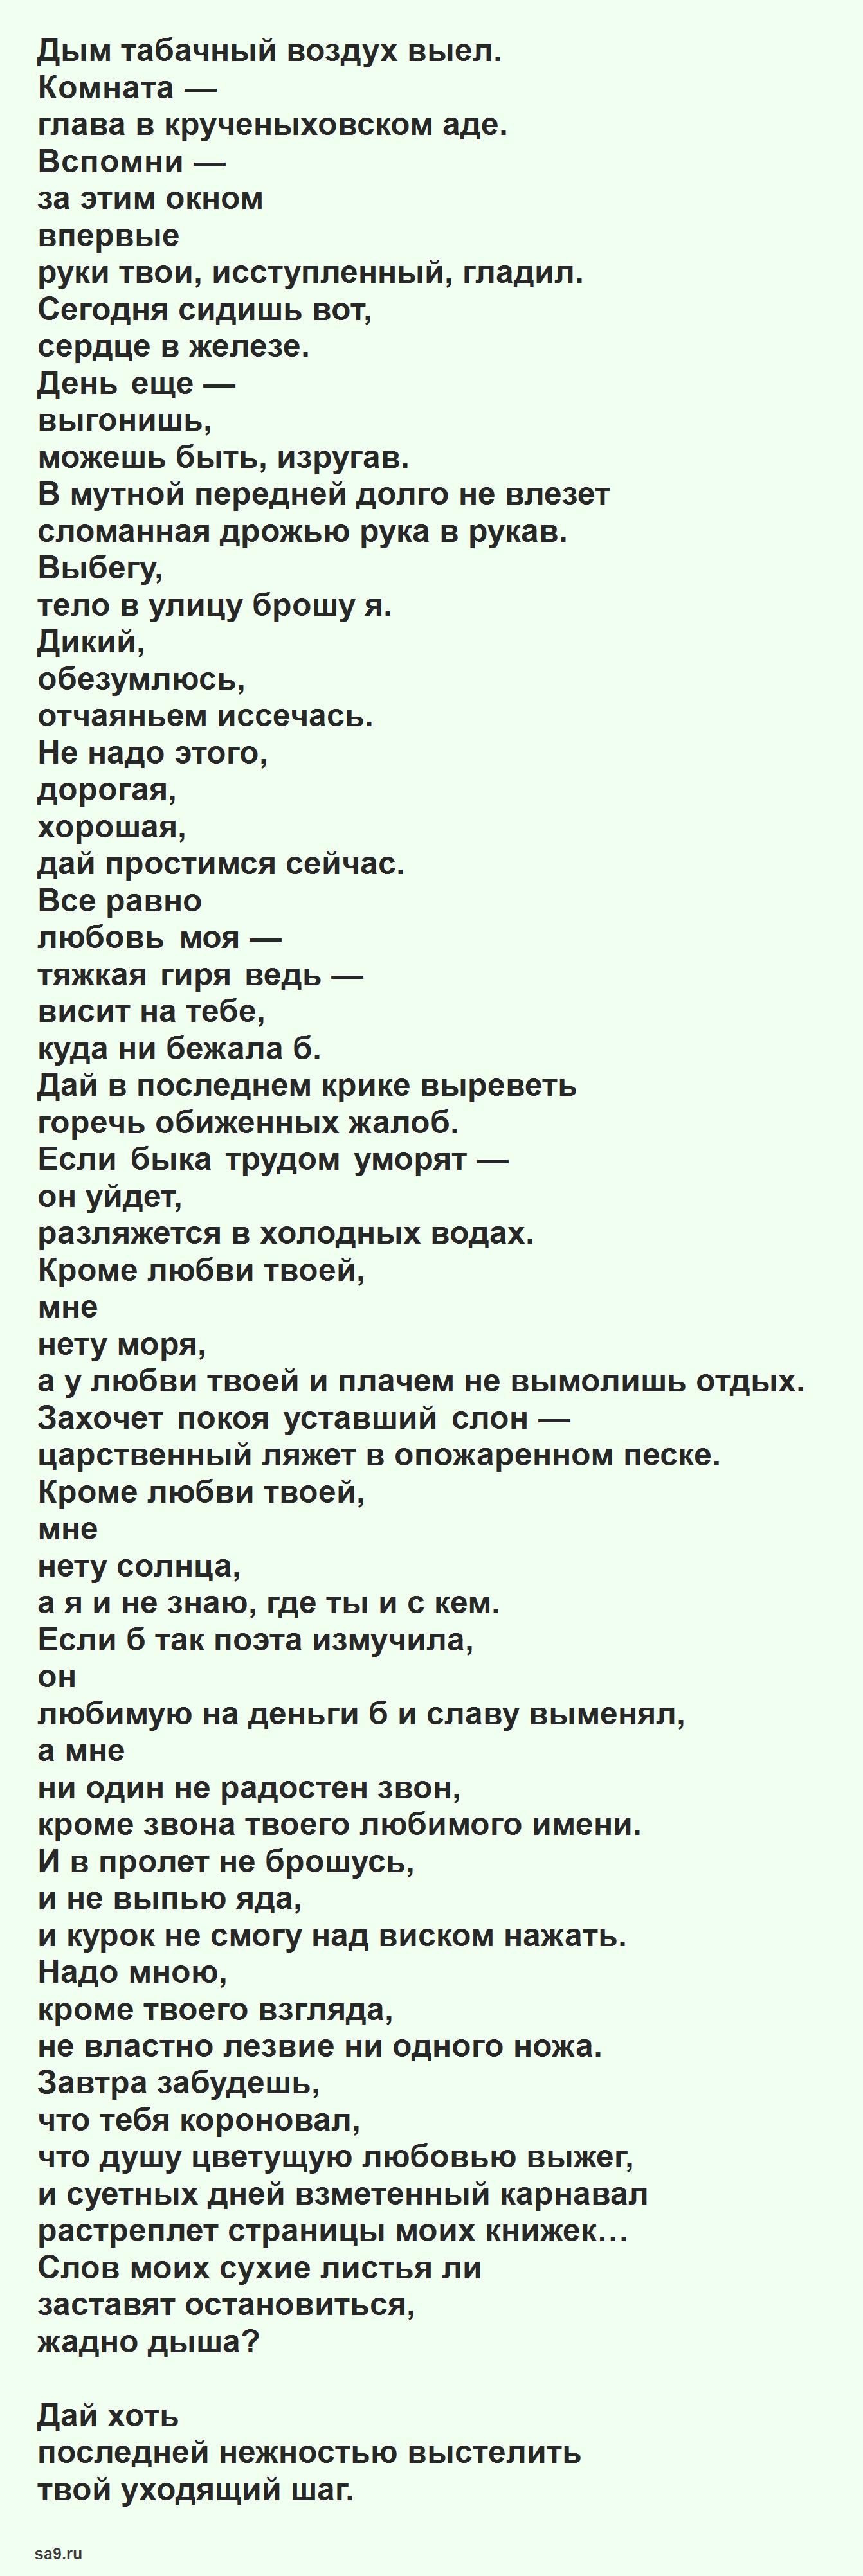 Маяковский стихи о любви - Лиличка